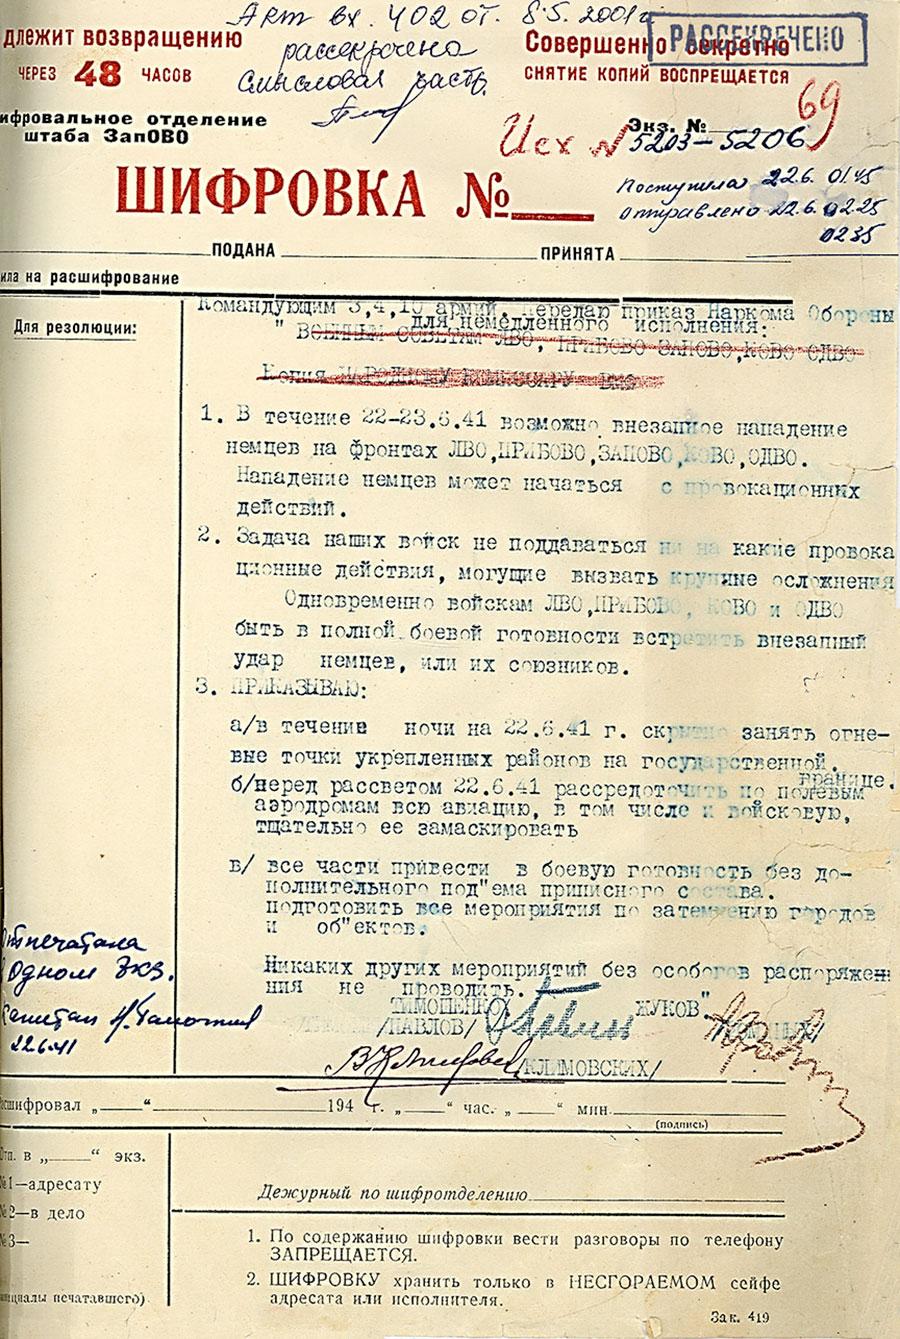 22 июня 1941 года из Москвы была передана директива народного комиссара обороны СССР Семена Тимошенко. За несколько часов до этого солдаты 90-го пограничного отряда Сокальской комендатуры задержали немецкого военнослужащего 221-го полка 15-й пехотной дивизии вермахта Альфреда Лискова, который вплавь пересек пограничную реку Буг. Он был доставлен в город Владимир-Волынский, где на допросе рассказал, что на рассвете 22 июня немецкая армия перейдет в наступление на всем протяжении советско-германской границы. Информация была передана вышестоящему командованию.   Текст директивы:  «Командующим 3-й, 4-й,10-й армий передаю приказ наркома обороны для немедленного исполнения:   В течение 22–23 июня 1941г. возможно внезапное нападение немцев на фронтах ЛВО (Ленинградский военный огруг. — РБК), ПрибОВО (Прибалтийский особый военный округ, преобразован в Северо-Западный фронт. — РБК), ЗапОВО (Западный особый военный округ, преобразован в Западный фронт. — РБК), КОВО (Киевский особый военный округ, преобразован в Юго-Западный фронт — РБК), ОдВО (Одесский военный округ — РБК). Нападение может начаться с провокационных действий. Задача наших войск — не поддаваться ни на какие провокационные действия, могущие вызвать крупные осложнения. Приказываю:    в течение ночи на 22 июня 1941 года скрытно занять огневые точки укрепленных районов на государственной границе; перед рассветом 22 июня 1941 года рассредоточить по полевым аэродромам всю авиацию, в том числе и войсковую, тщательно ее замаскировать; все части привести в боевую готовность без дополнительного подъема приписного состава. Подготовить все мероприятия по затемнению городов и объектов.   Никаких других мероприятий без особого распоряжения не проводить».  Директива подписана командующим войсками Западного фронта Дмитрием Павловым, начальником штаба Западного фронта Владимиром Климовских, членом Военного совета ЗапОВО Александром Фоминых.  В июле Павлов, Климовских, начальник связи Западного фронта генерал-майор Андрей Григор